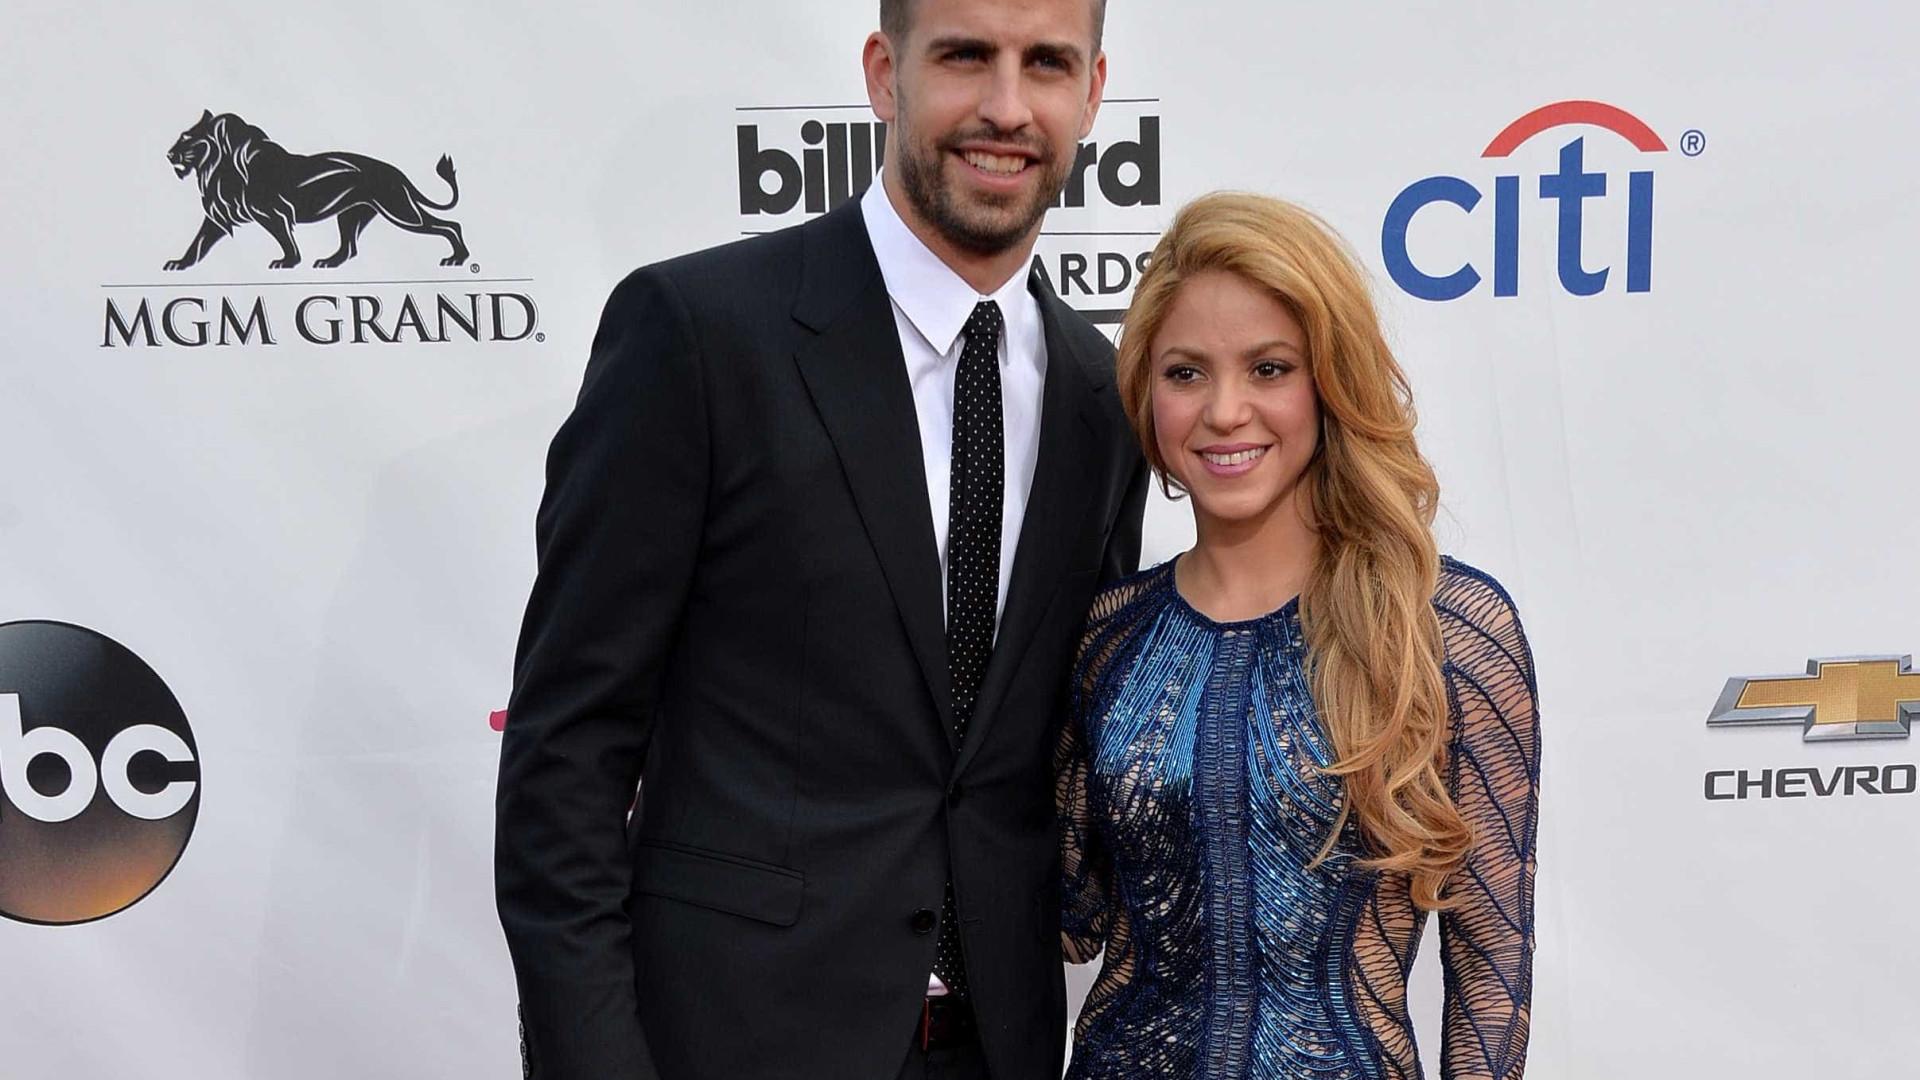 Pais de Shakira comentam rumores da separação (que já foi desmentida)